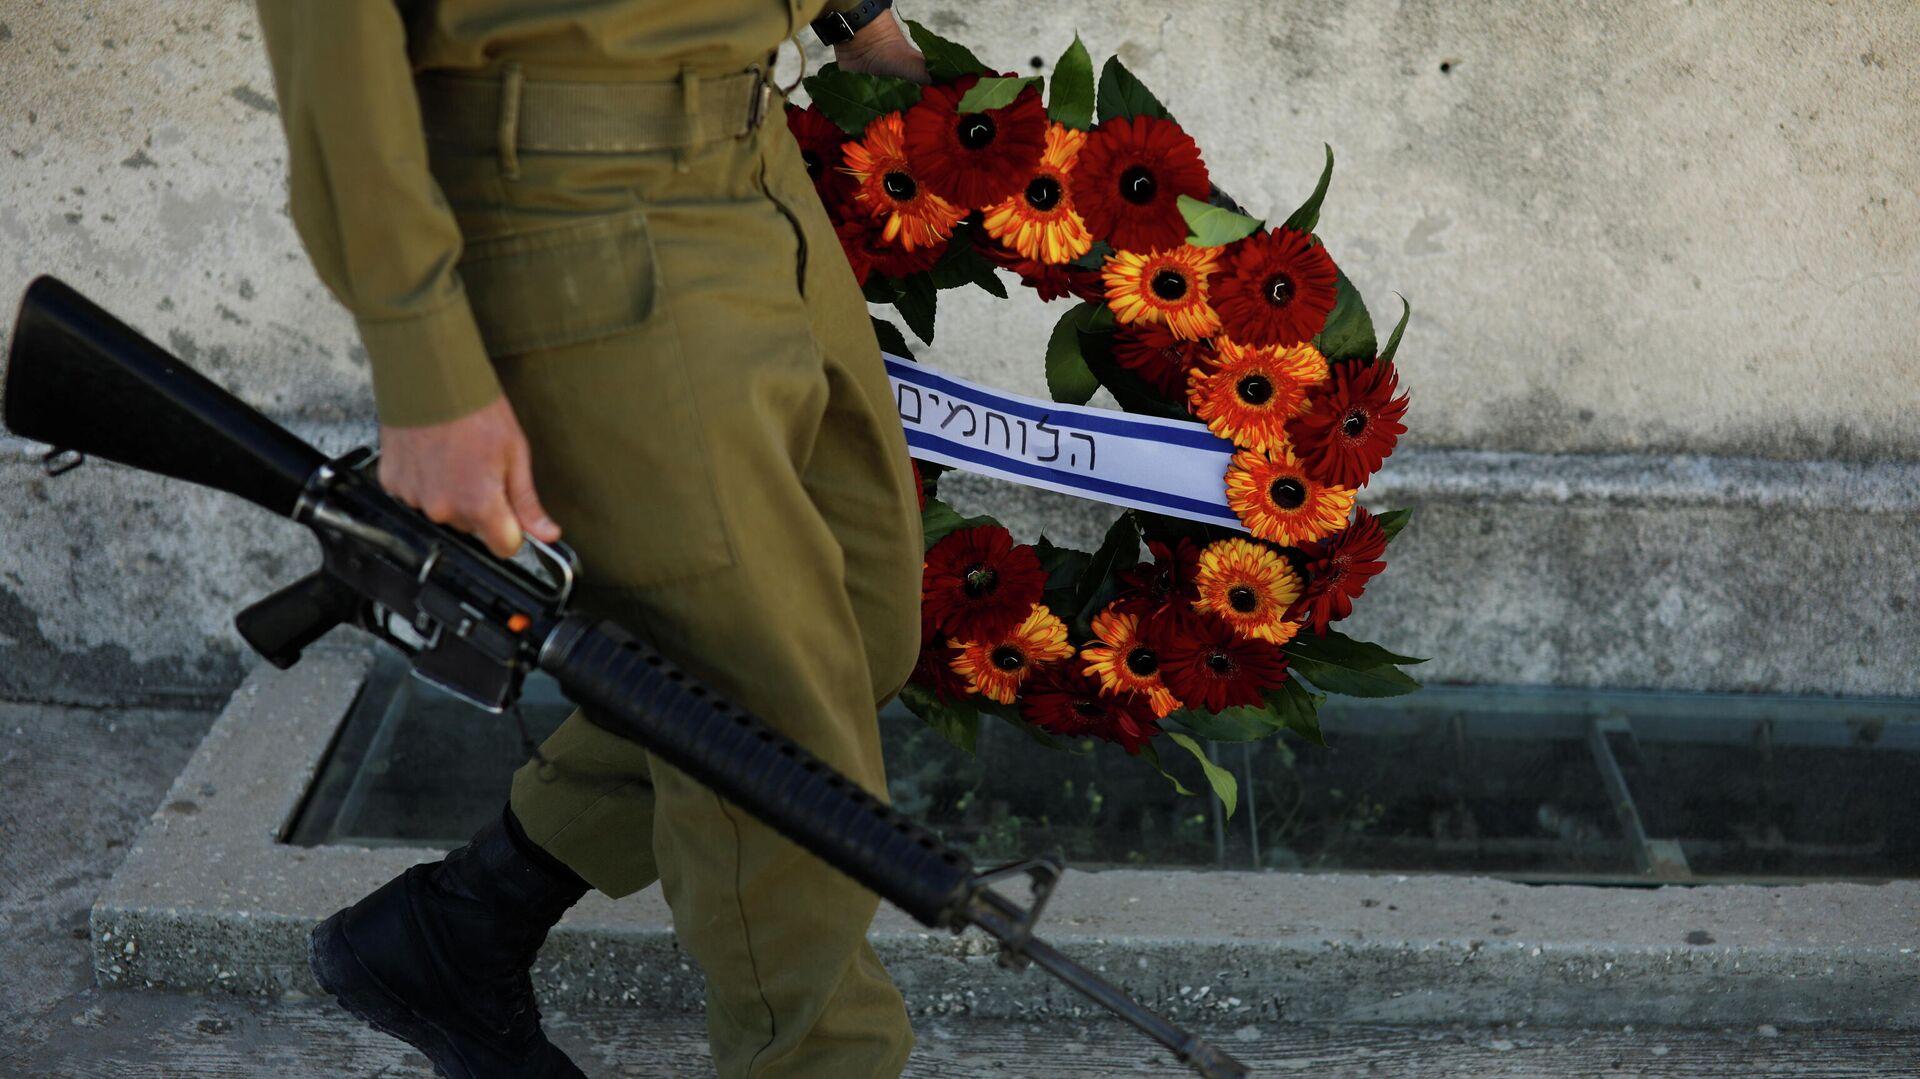 Un soldado con su arma y una corona de flores durante el Día de los Caídos, el 14 de abril de 2021 - Sputnik Mundo, 1920, 14.04.2021